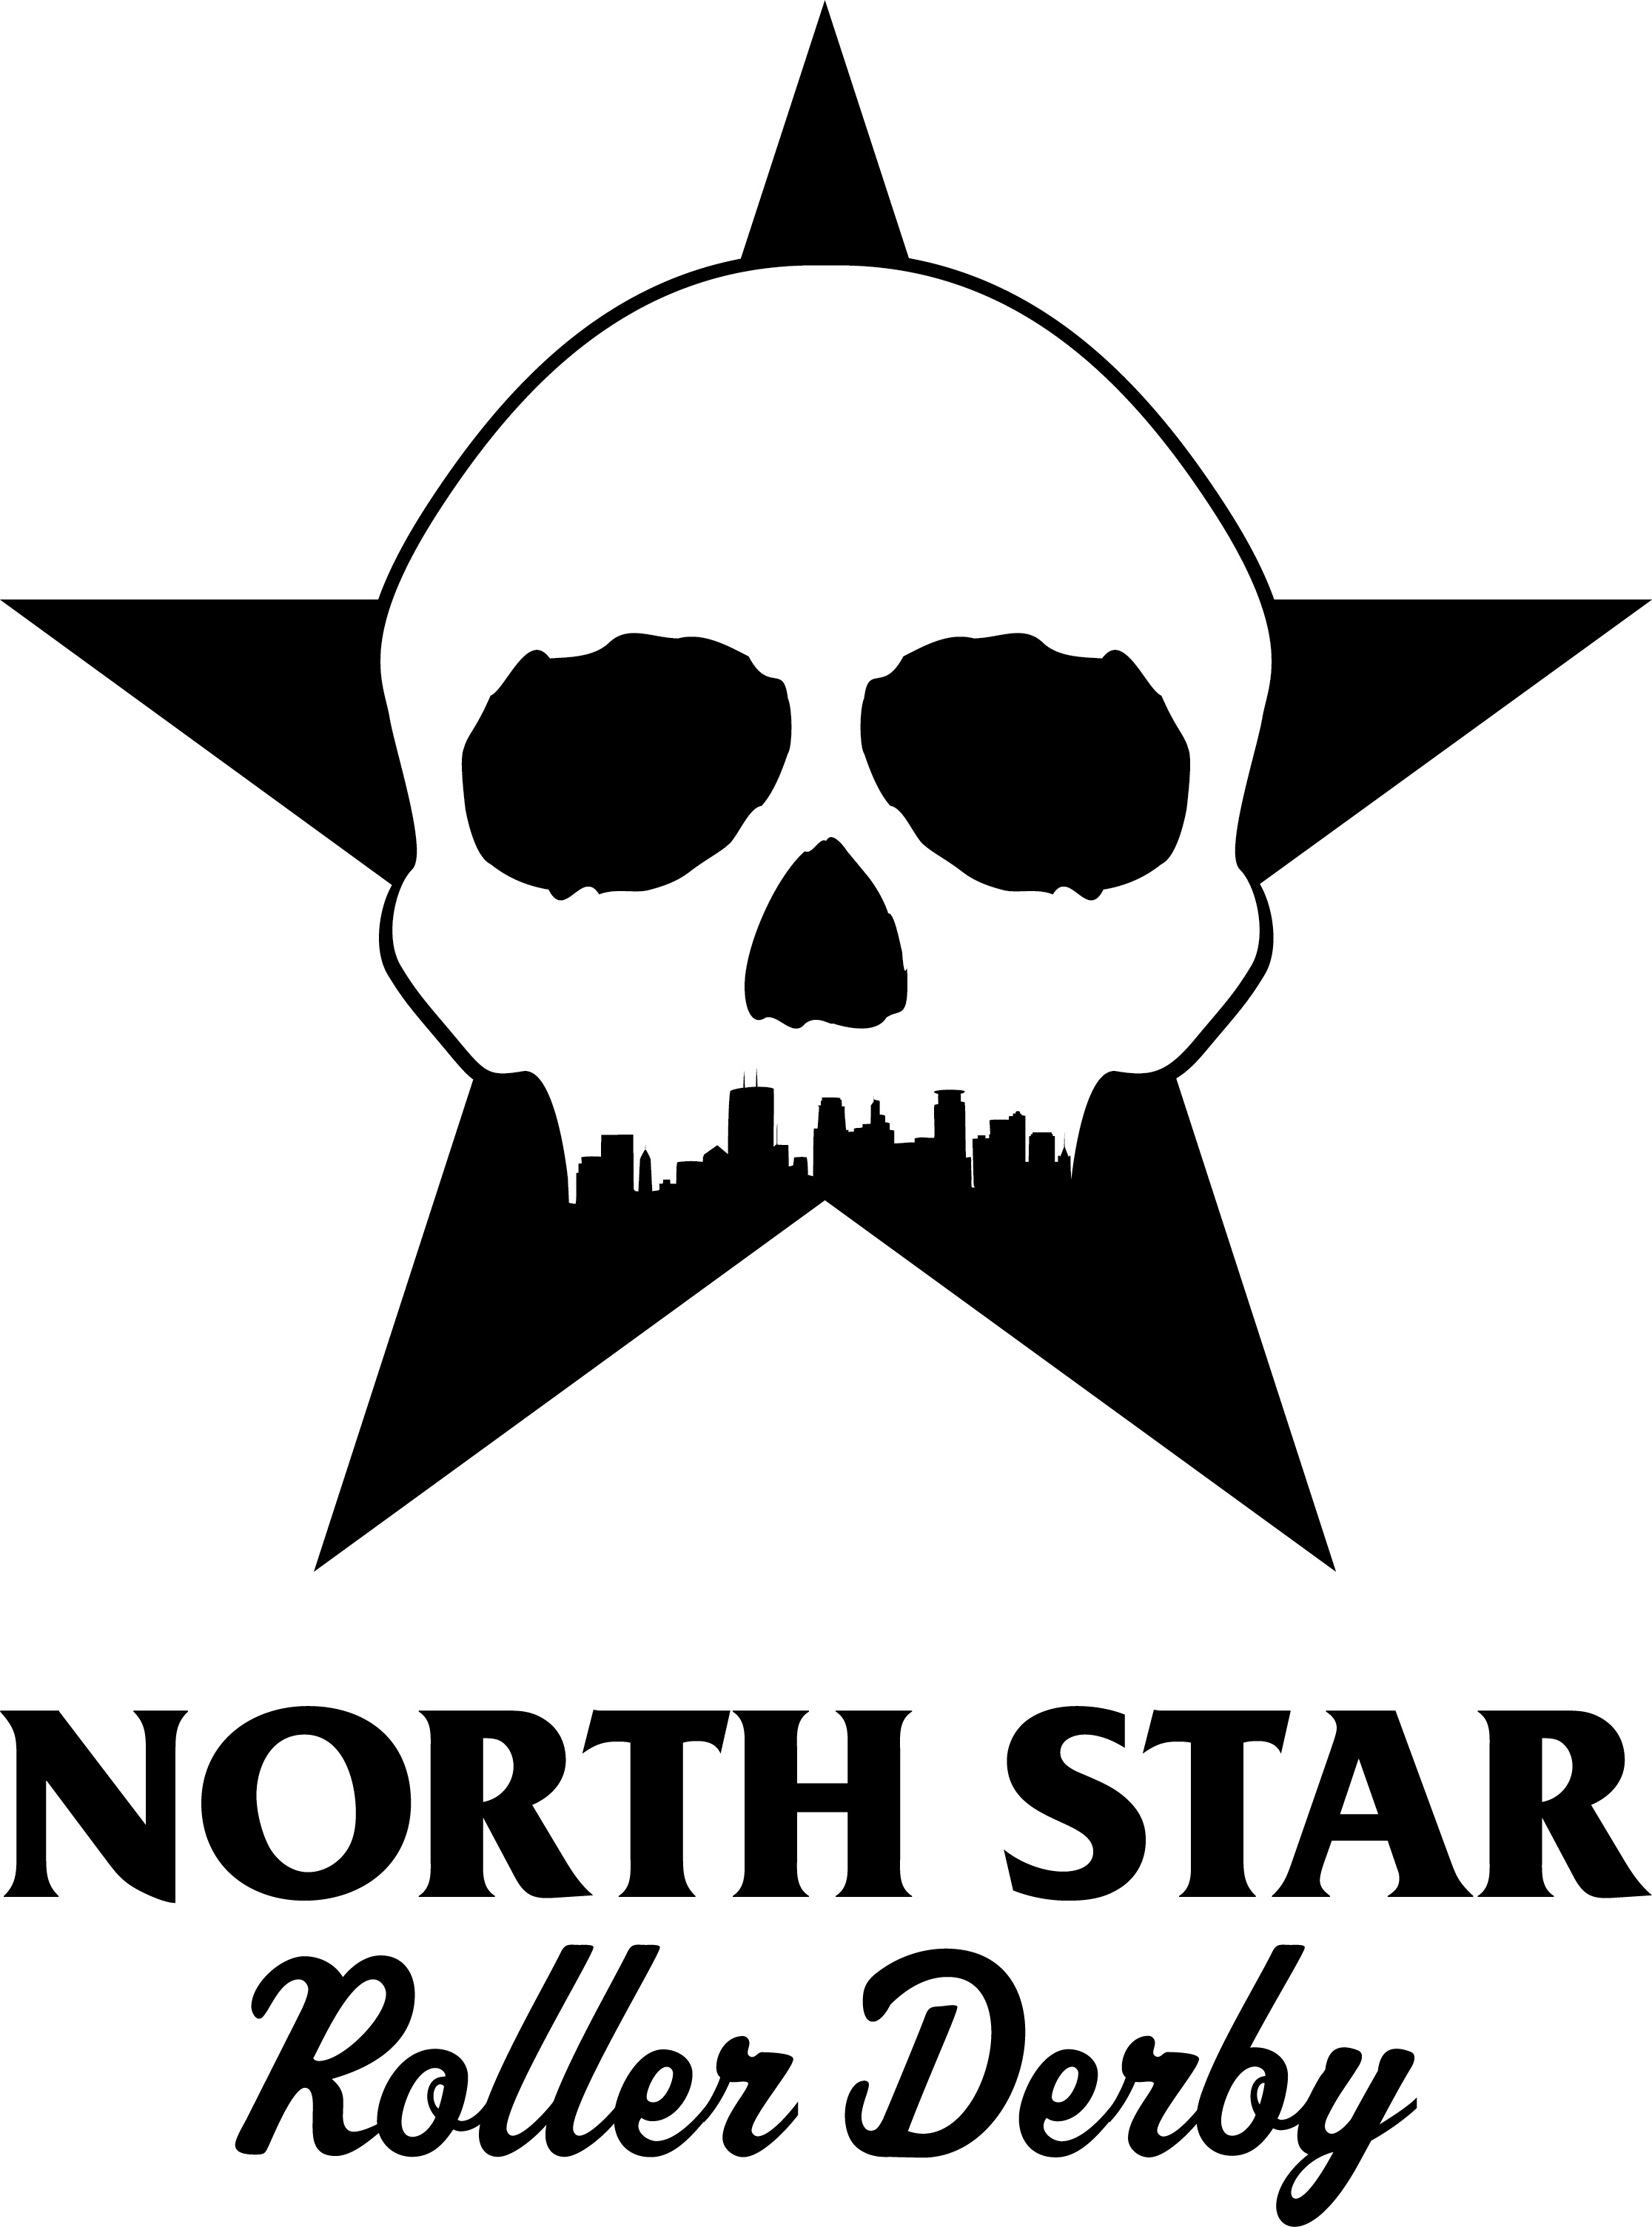 North Star Roller Derby